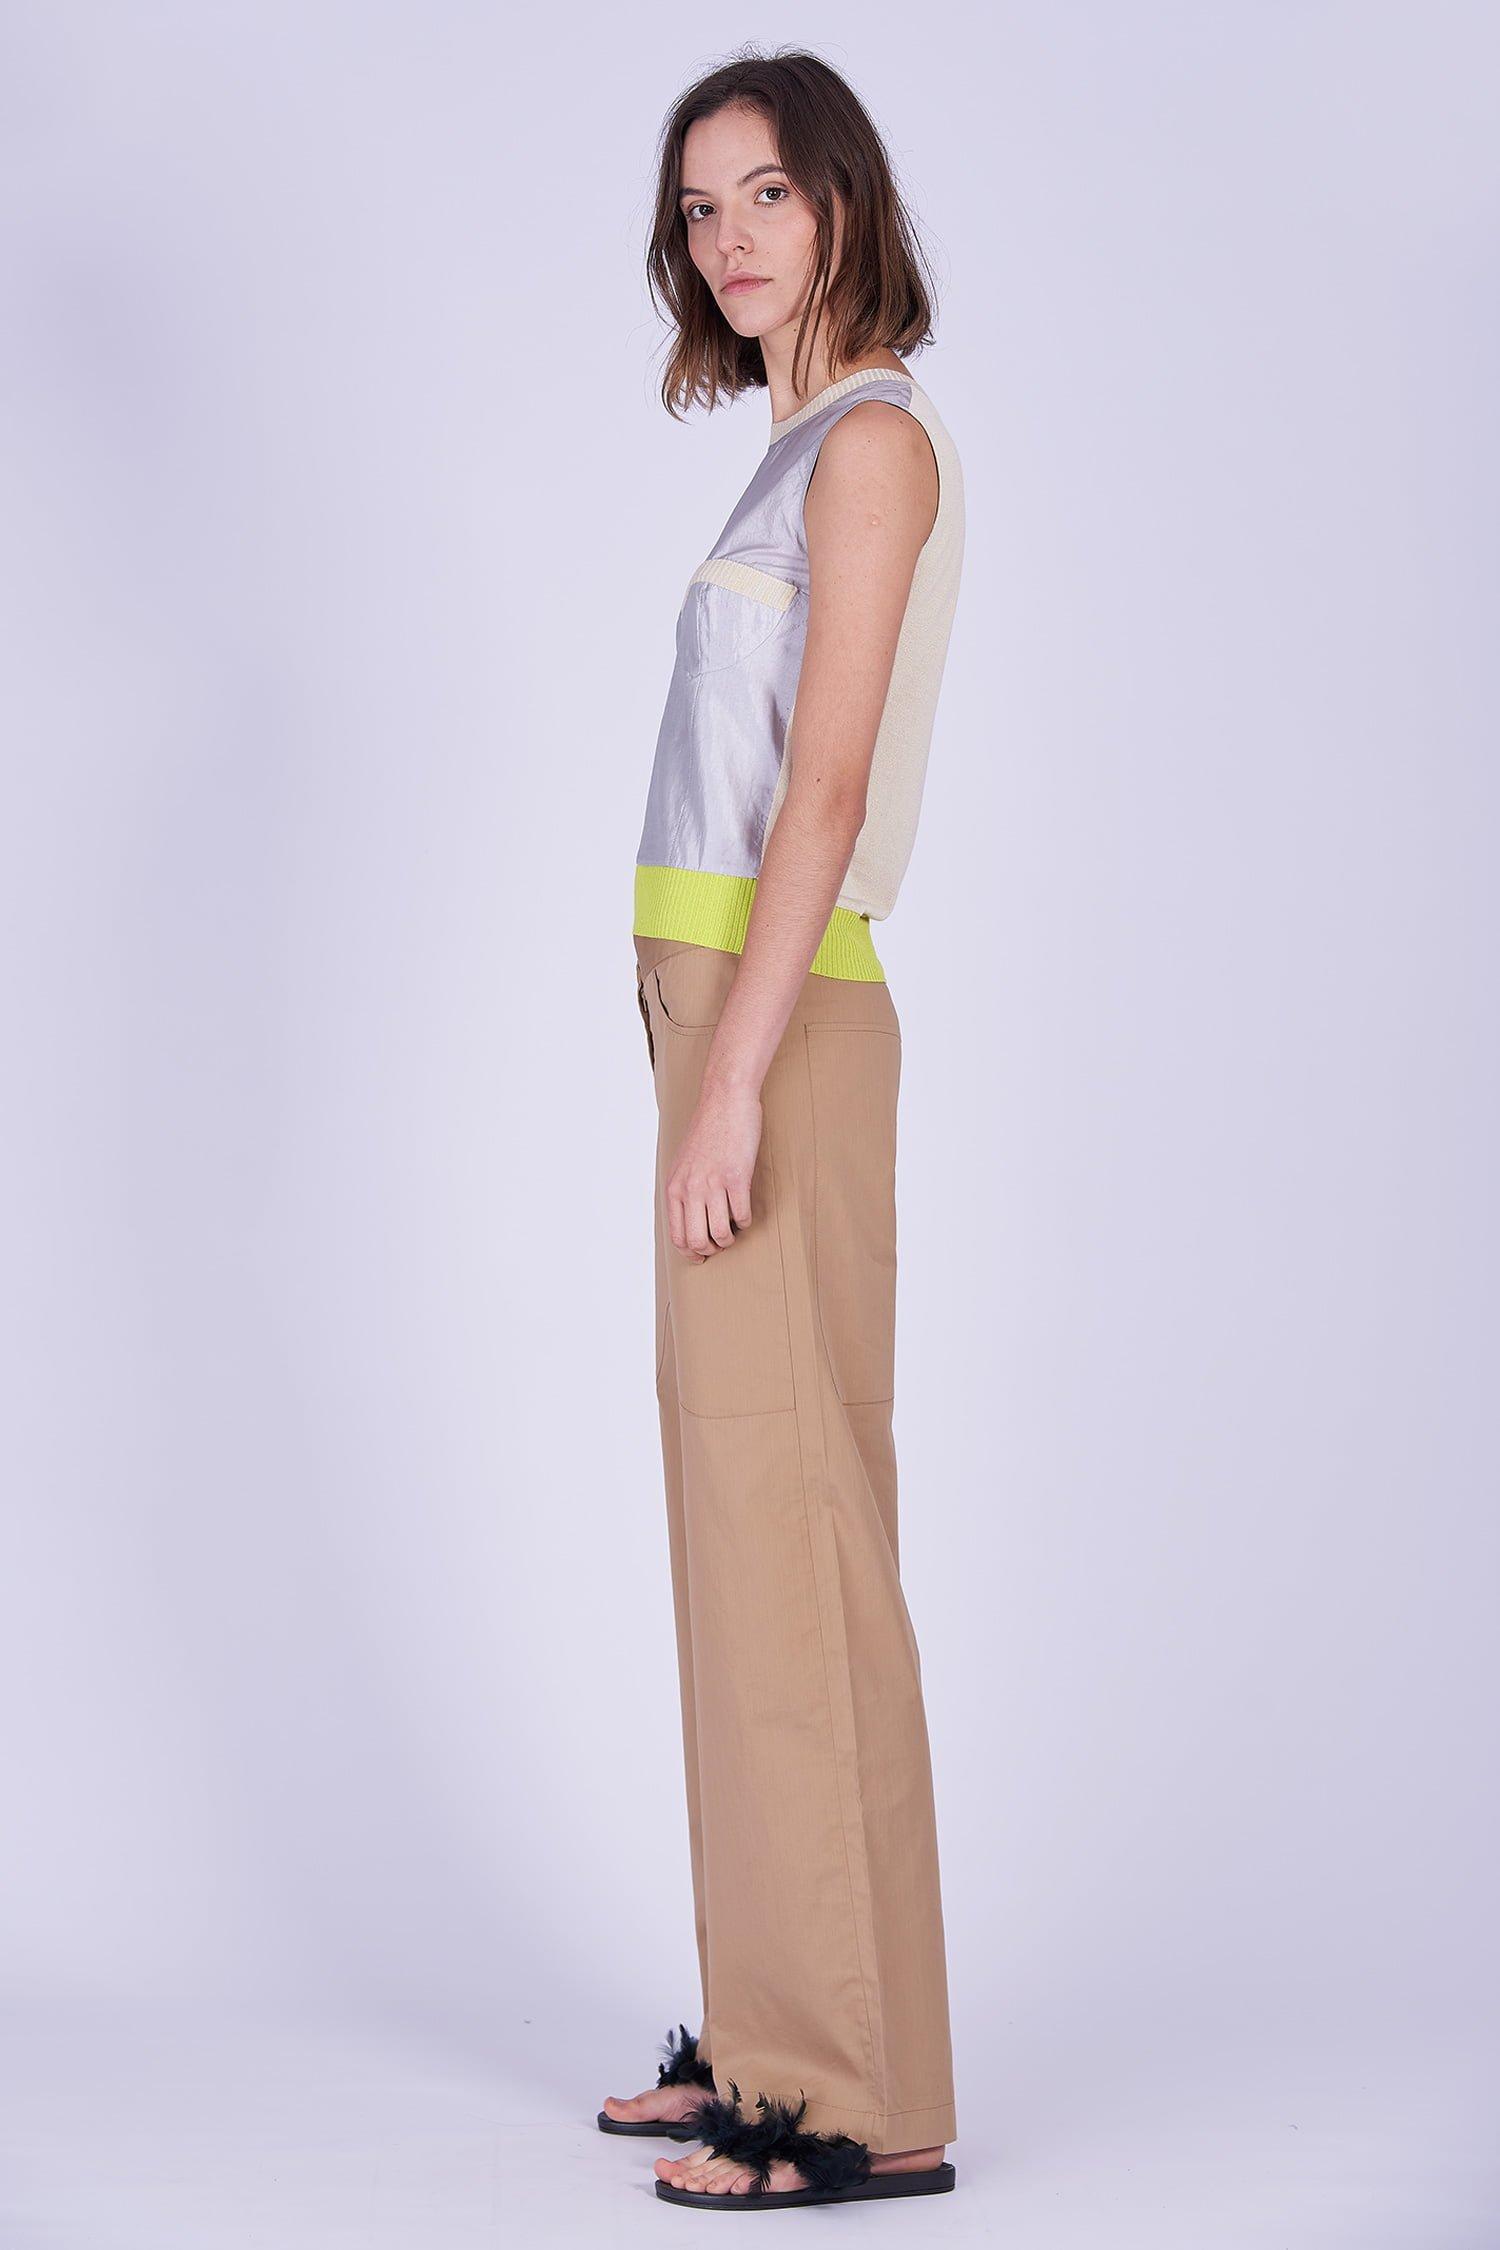 Acephala Ss2020 Silver Bustier Top Beige Cargo Trousers Srebrny Gorsetowy Bezowe Spodnie Side